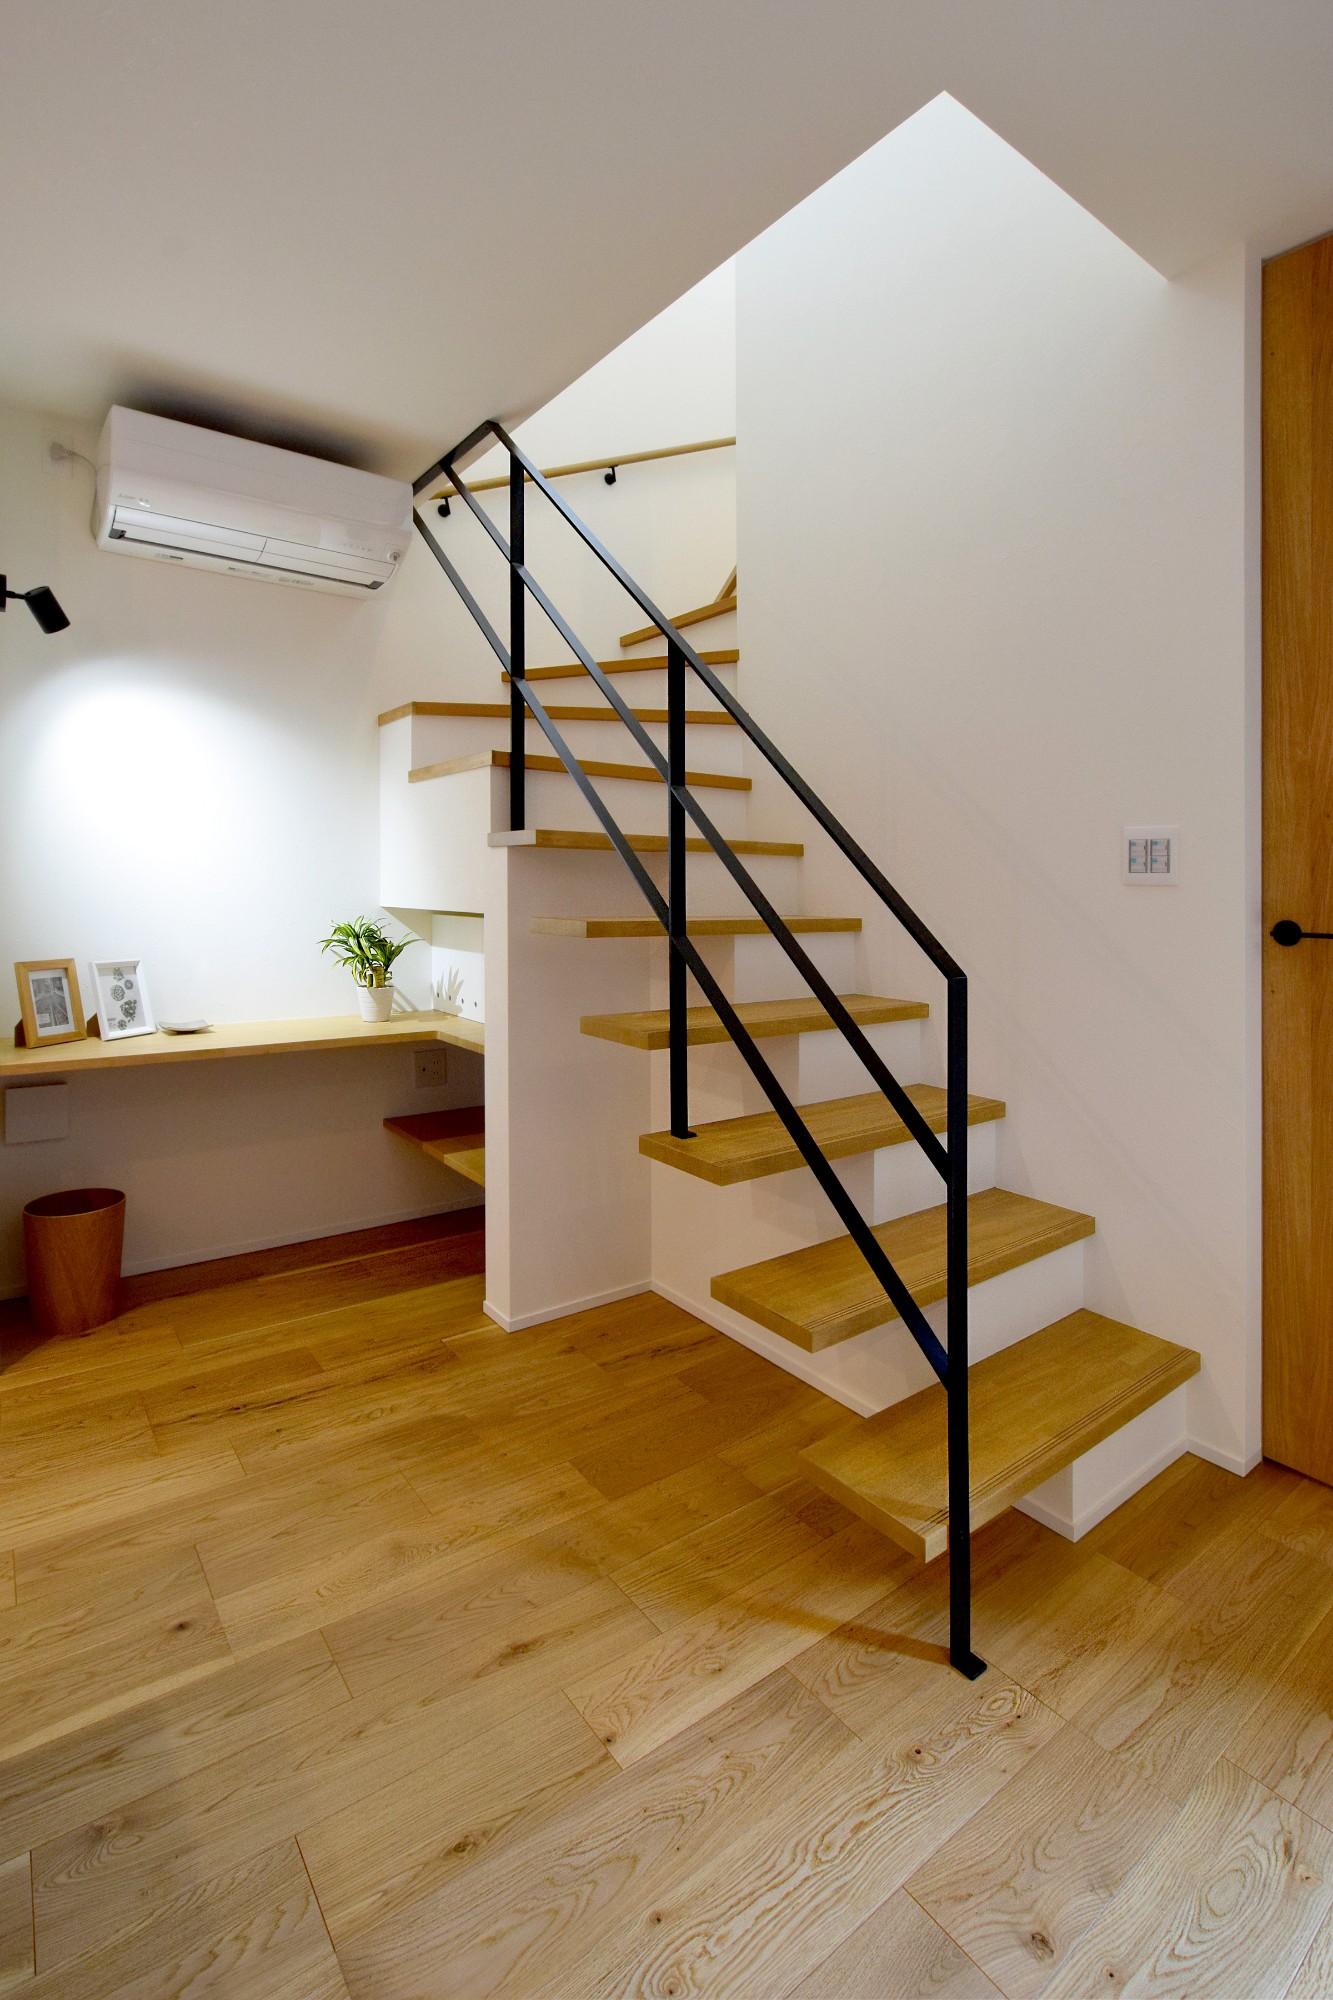 DETAIL HOME(ディテールホーム)「オークを基調としたナチュラルモダンな家」のシンプル・ナチュラルな階段の実例写真